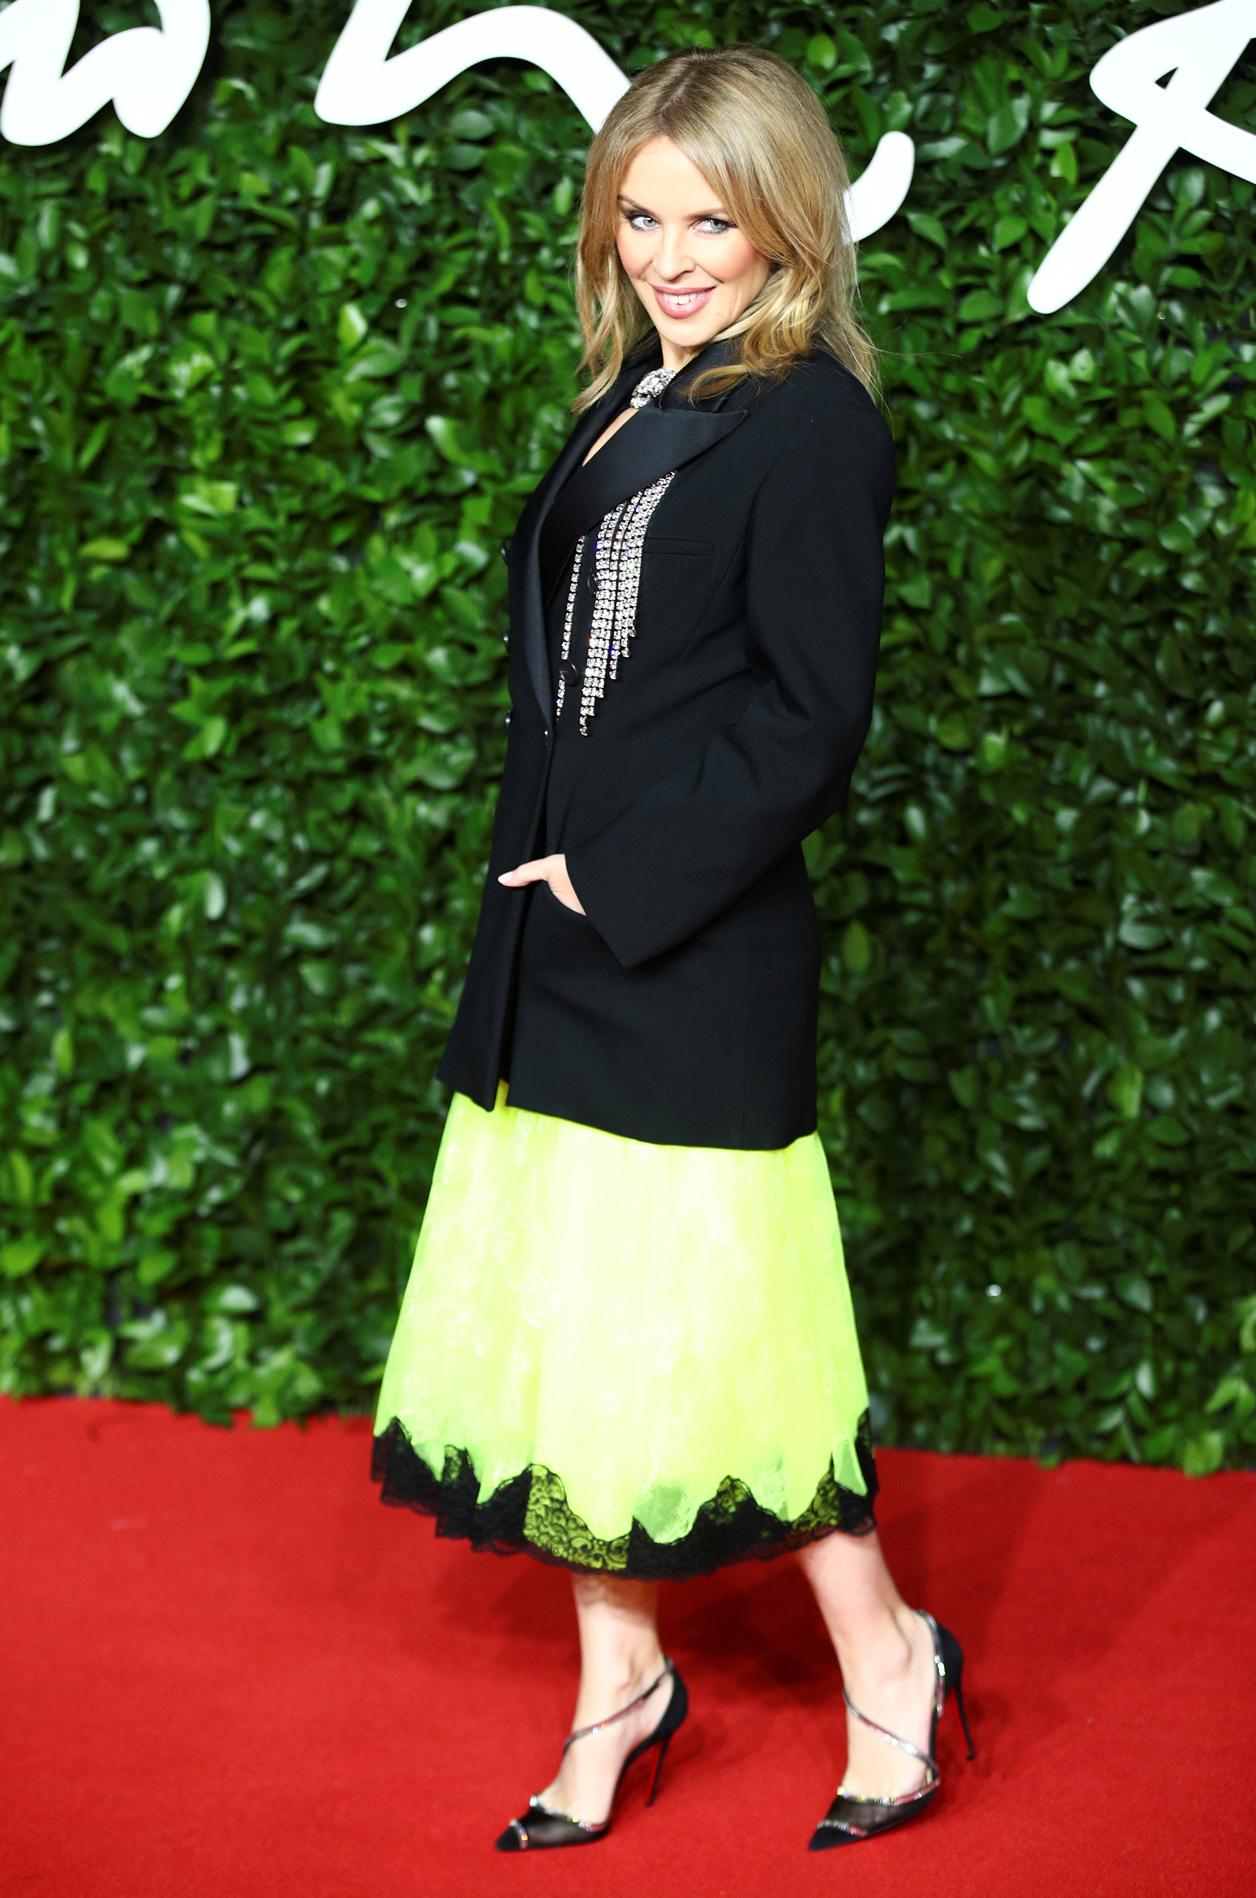 H Κάιλι Μινόγκ απέμεινε το βραβείο του καλύτερου σχεδιαστή στον Κρίστοφερ Κέιν, φορώντας φυσικά σύνολο από τον ίδιο